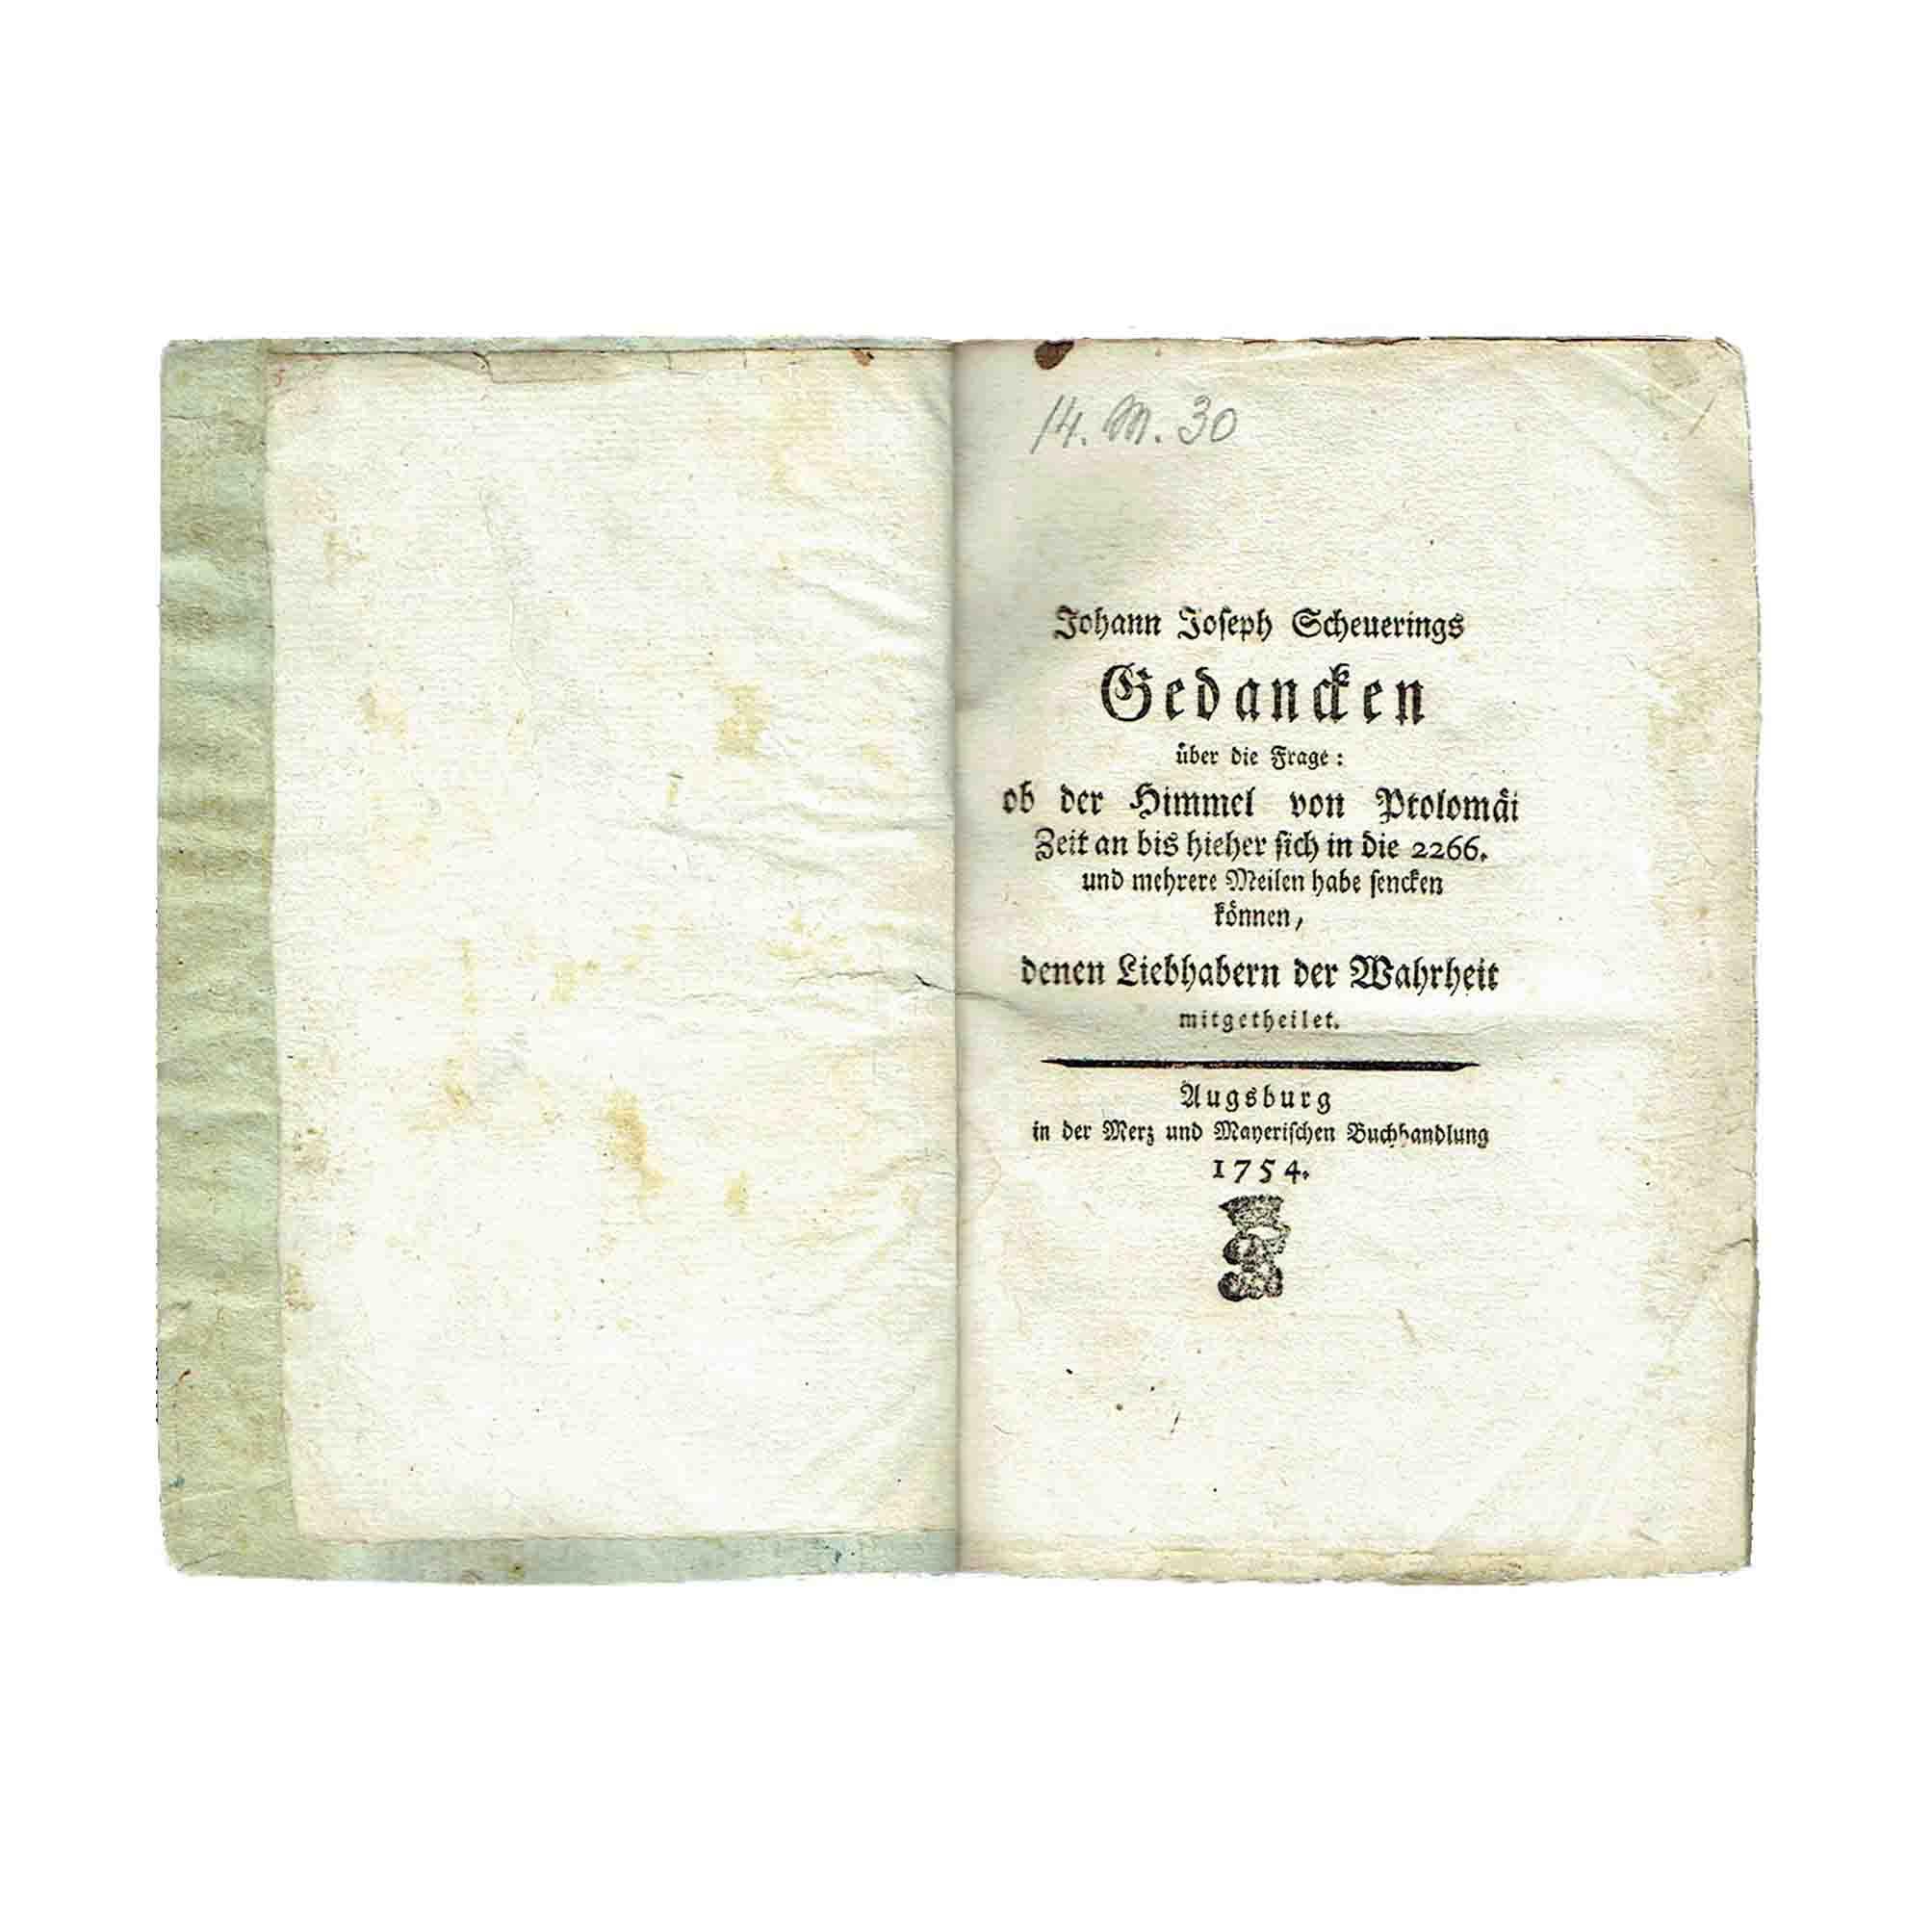 5969K-Scheuering-Gedancken-1754-Titelblatt-1-frei-N.jpeg